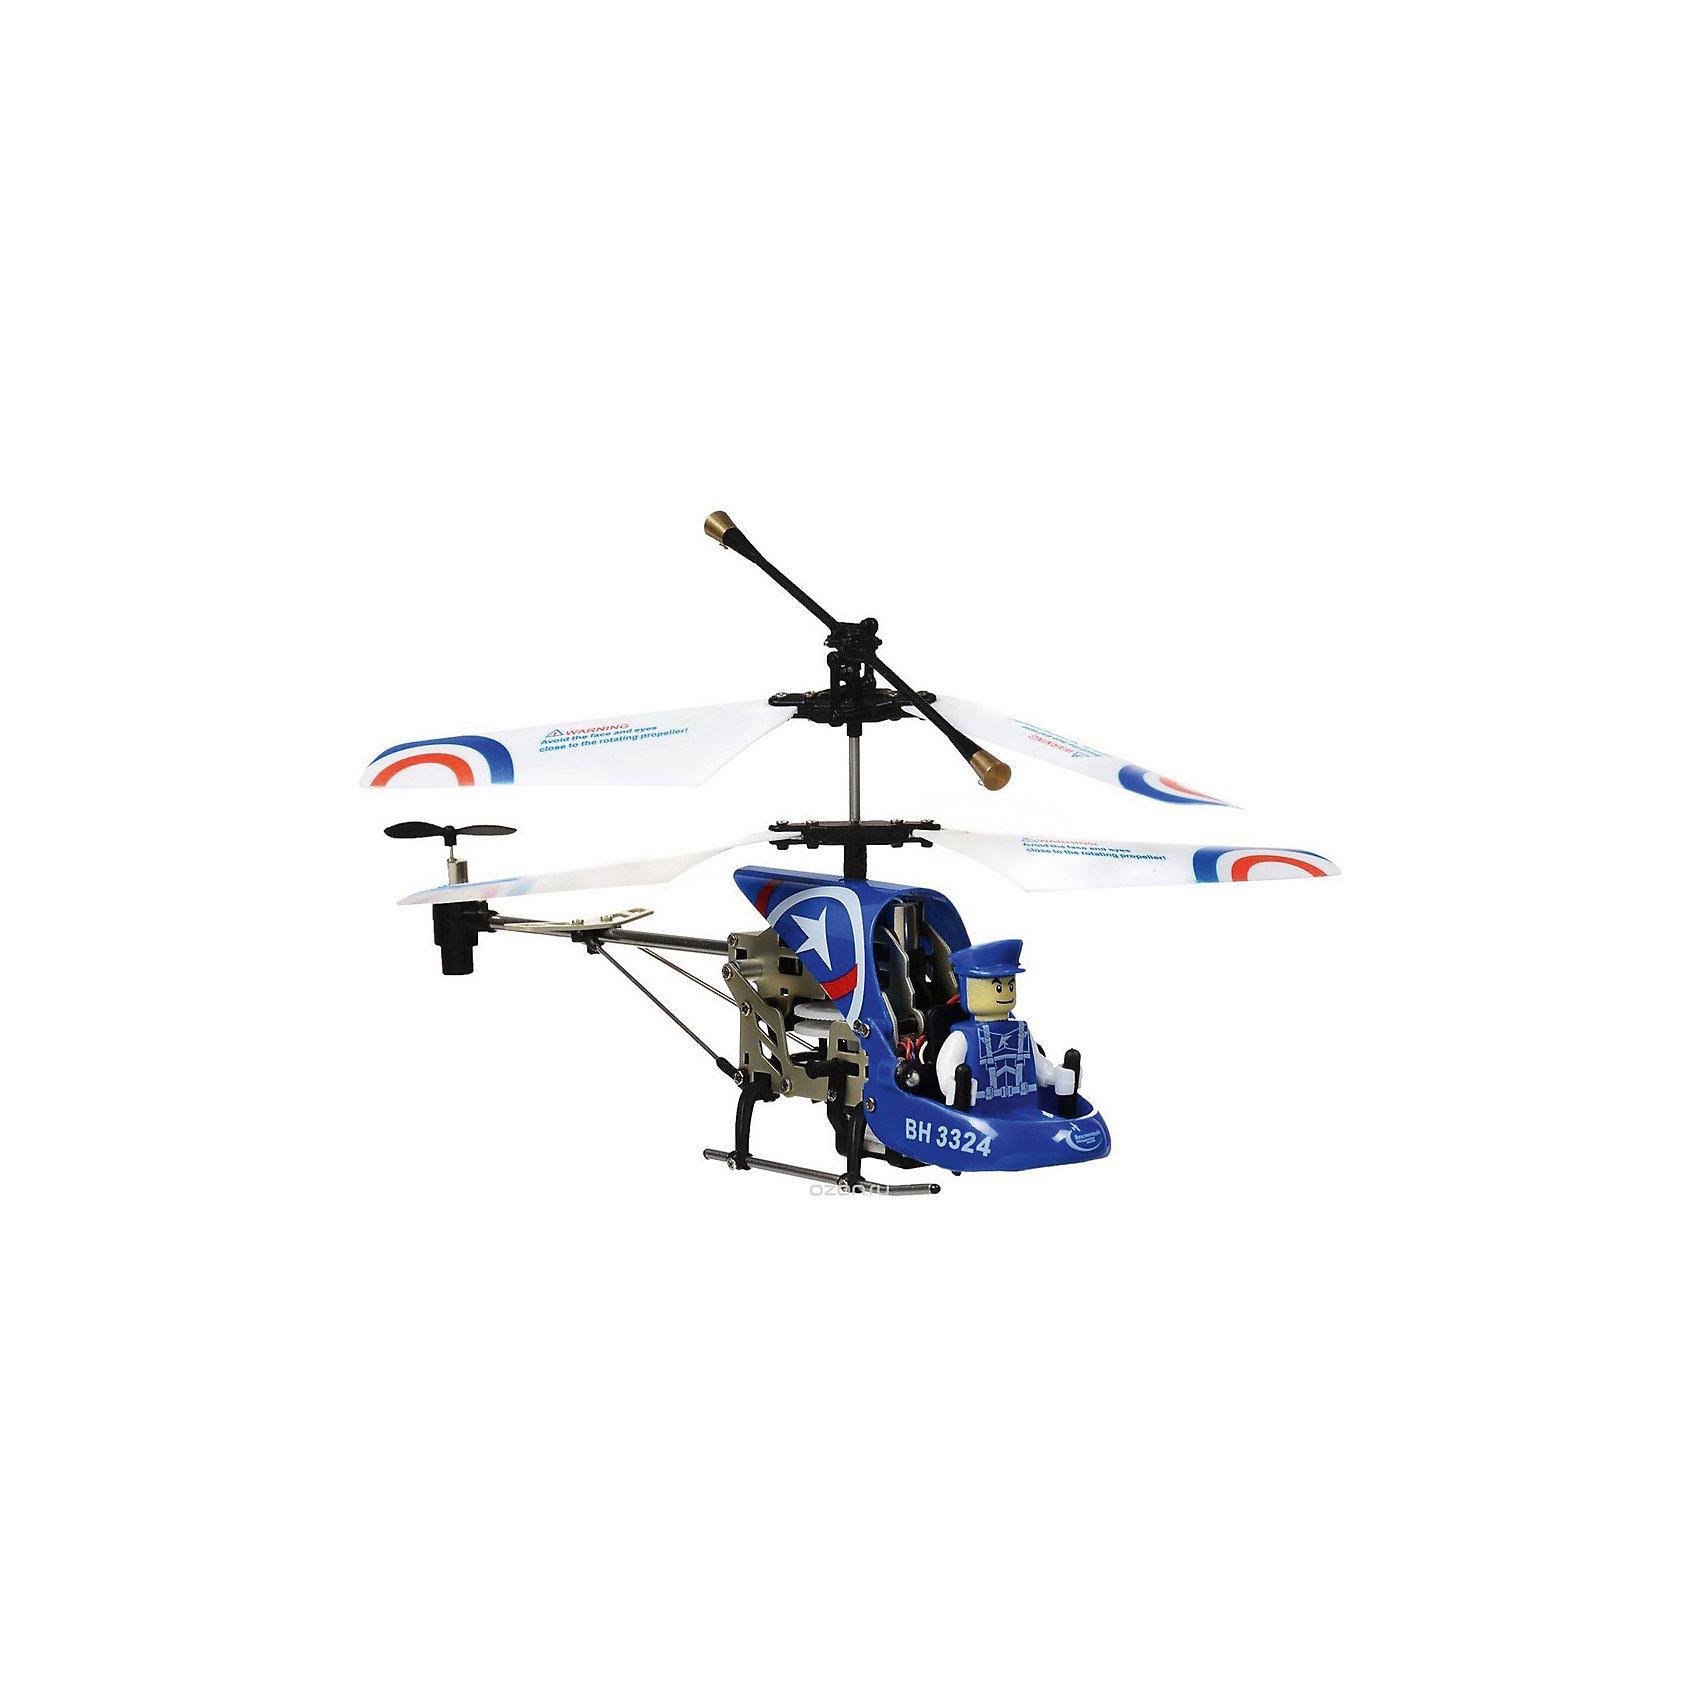 Вертолет на р/у Патруль, синий, Властелин небесВертолет на р/у Патруль, синий, Властелин небес<br><br>Характеристики:<br><br>• вы можете управлять вертолетом на расстоянии до 10 метров<br>• вертолёт летает вверх, вниз, назад, вперёд, а также может зависать в воздухе и совершать повороты<br>• сигнальные огни позволяют совершать полеты в темное время суток<br>• заряжается с помощью USB кабеля<br>• размер вертолета: 21х5х9 см<br>• батарейки: АА - 6 шт. (не входят в комплект) <br>• размер упаковки: 39х14х10 см<br>• в комплекте: вертолет, пульт управления, USB кабель, две запасные лопасти, инструкция<br>• цвет: синий<br><br>Игрушки на радиоуправлении - мечта многих мальчишек. Вертолет от Властелин небес позволит вам осуществить мечту ребенка. Им можно управлять на расстоянии до 10 метров! Вертолет может летать вниз, вверх, в стороны, а также совершать захватывающие повороты и зависать в воздухе. Кроме того, вертолет оснащен светящимися сигнальными огнями, которые сделают игрушку заметной в темноте. За штурвалом находится пилот, в форме и фуражке в тон вертолета. Такой замечательный вертолет никогда не даст ребенку заскучать!<br><br>Игрушка заряжается с помощью USB кабеля, для работы необходимы батарейки АА (6 штук).<br><br>Вертолет на р/у Патруль, синий, Властелин небес можно купить в нашем интернет-магазине.<br><br>Ширина мм: 95<br>Глубина мм: 390<br>Высота мм: 140<br>Вес г: 540<br>Возраст от месяцев: 144<br>Возраст до месяцев: 2147483647<br>Пол: Мужской<br>Возраст: Детский<br>SKU: 5397077